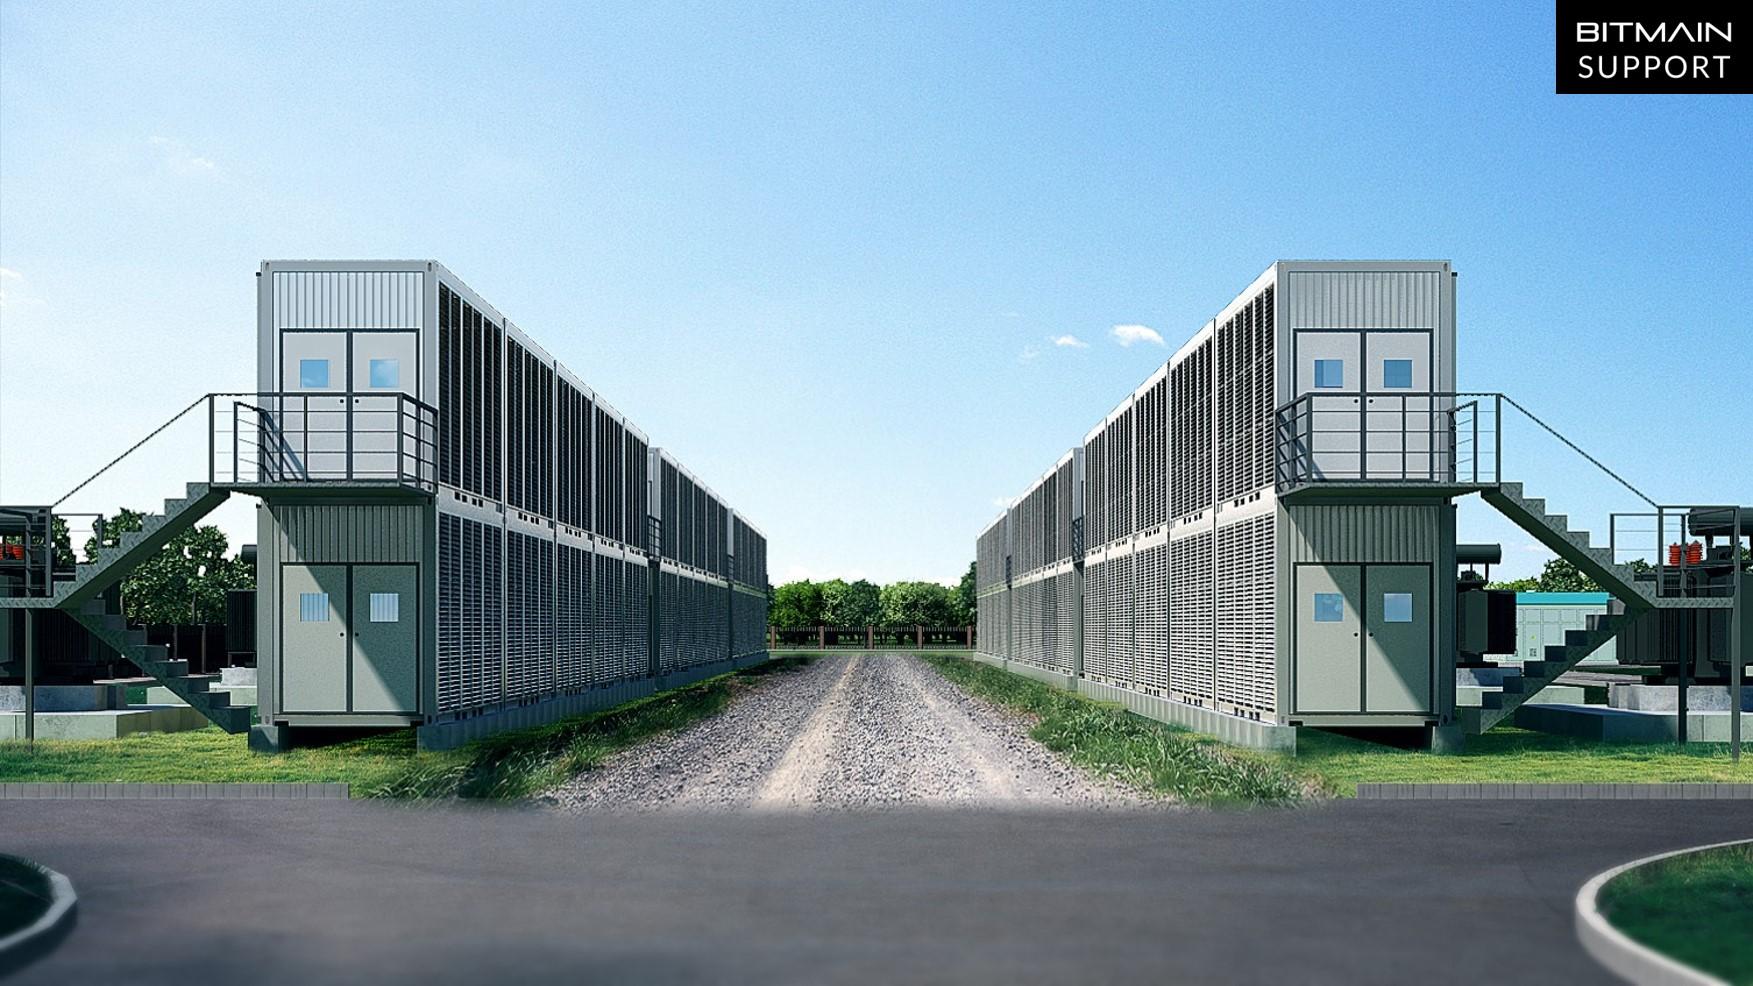 标准化厂房尺寸_风冷—旧集装箱或旧厂房改造方案 – 比特大陆帮助中心